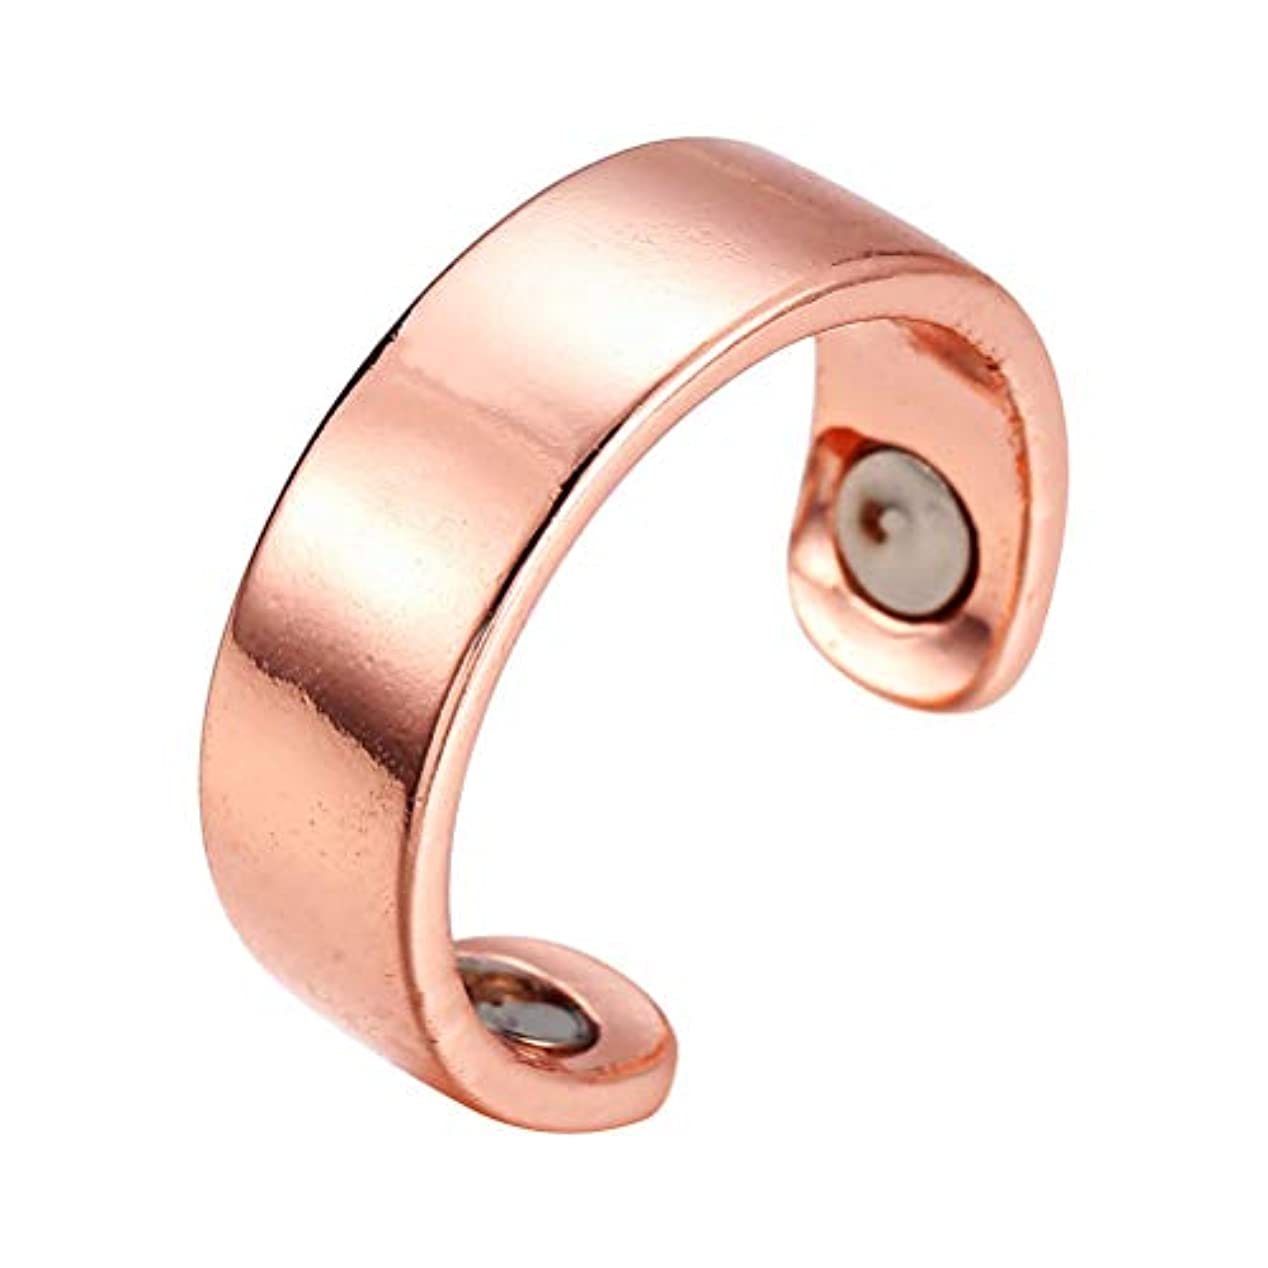 エレベーター音声学スイHEALIFTY 指圧マッサージ指輪防止いびきリング息切れ指圧治療ヘルスケア磁気療法健康的な睡眠リング開環(釉、ローズゴールデン)